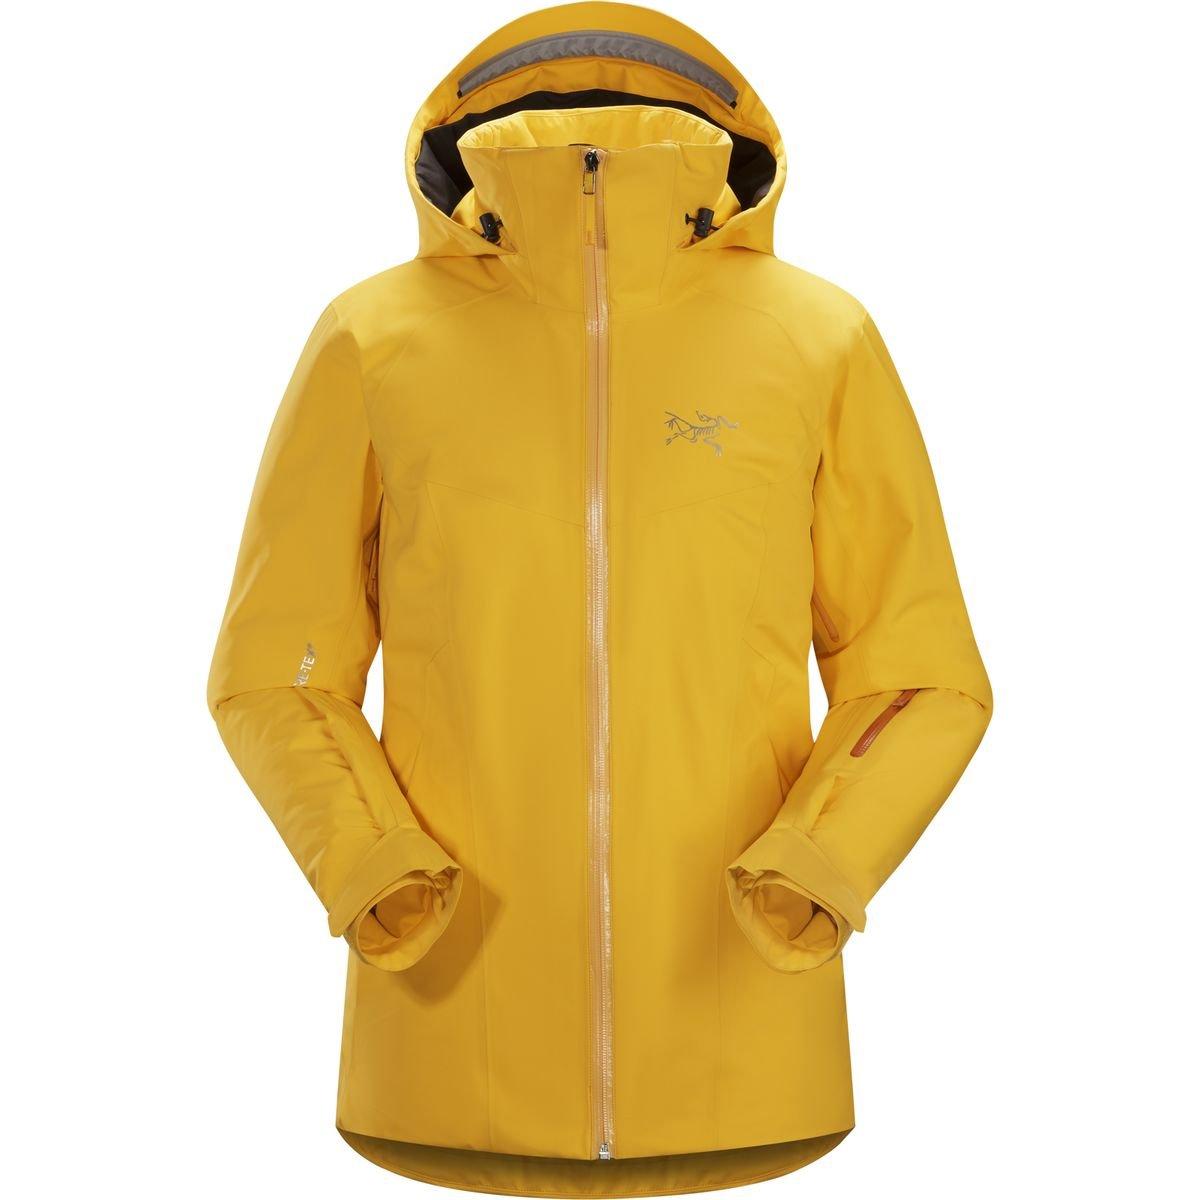 Arcteryx Tiya Jacket – Women 's B01N40CZHT Aspen Glow Large